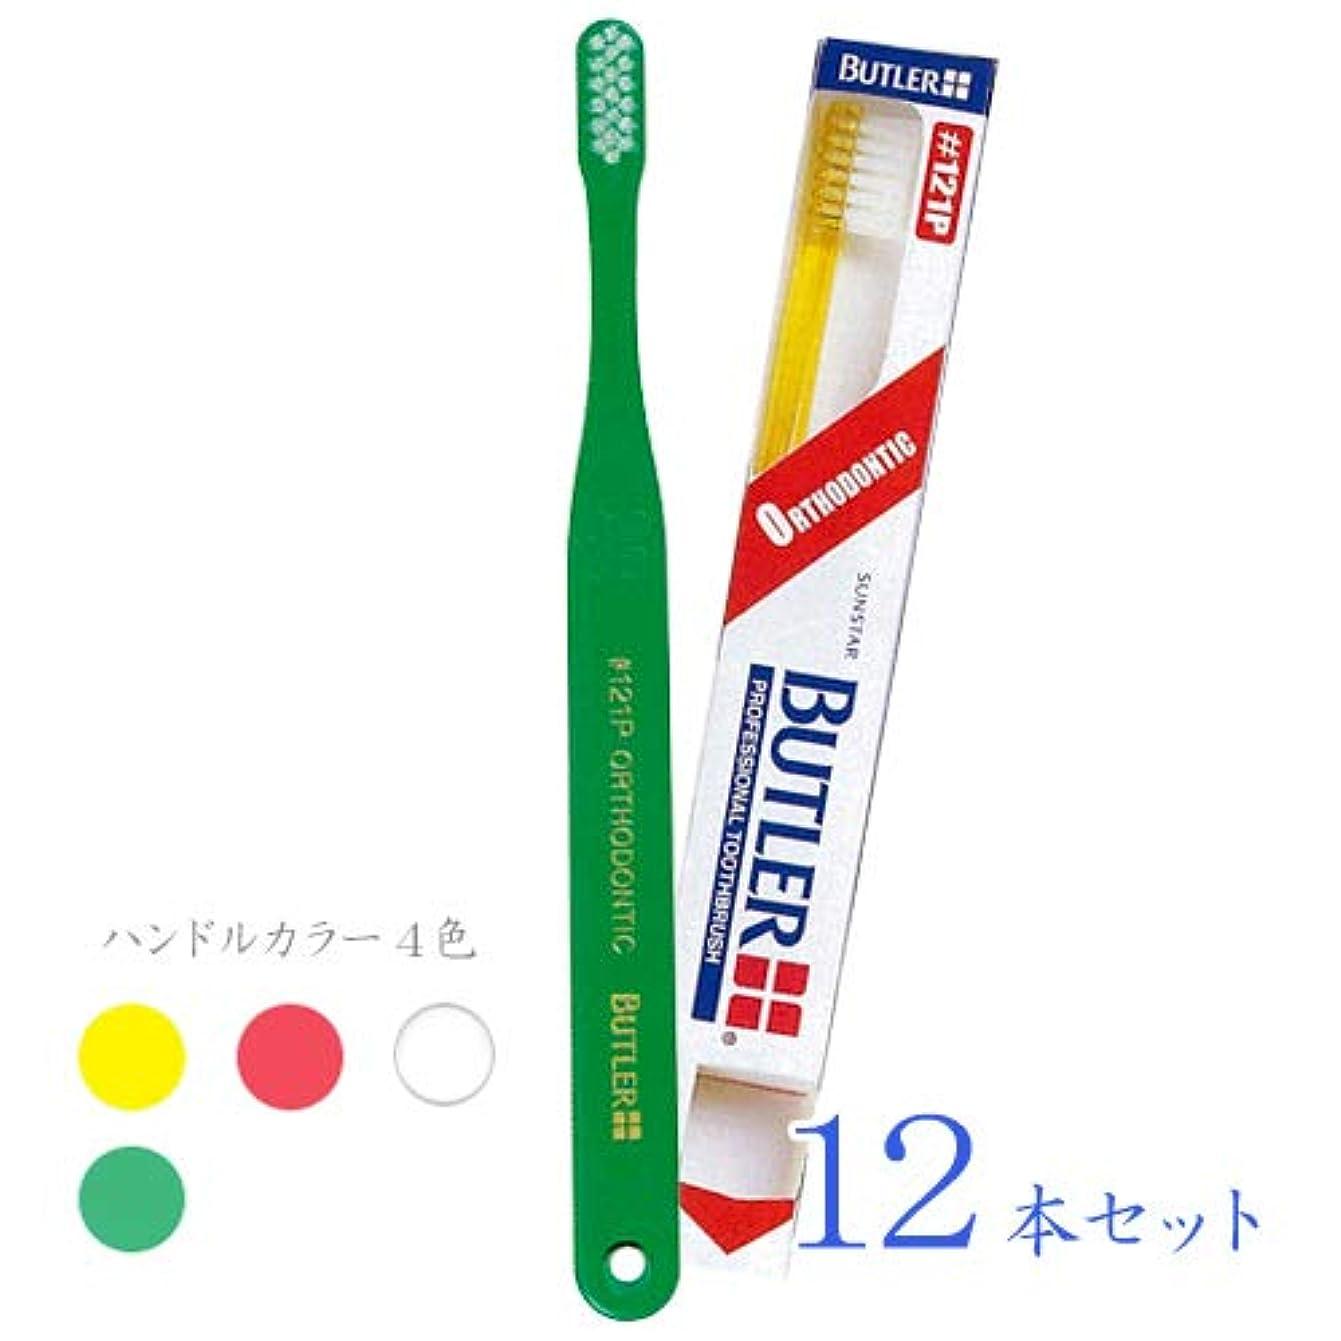 繊維調子プランターバトラー 歯ブラシ #121P 12本入